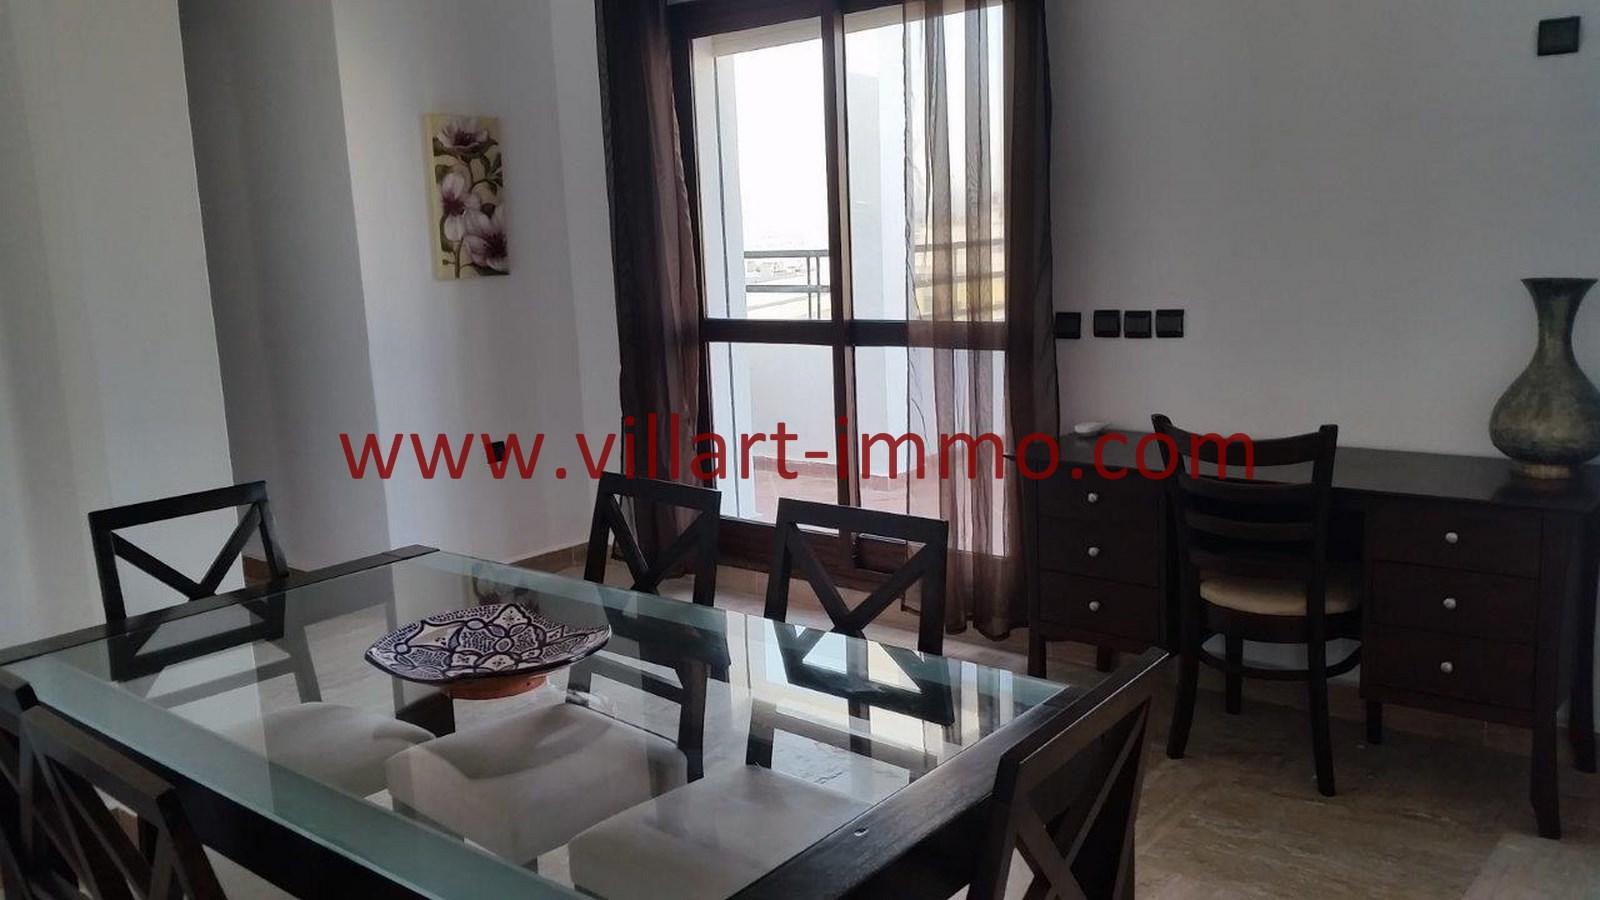 Location appartement meubl avec une grande terrasse au for Location meuble